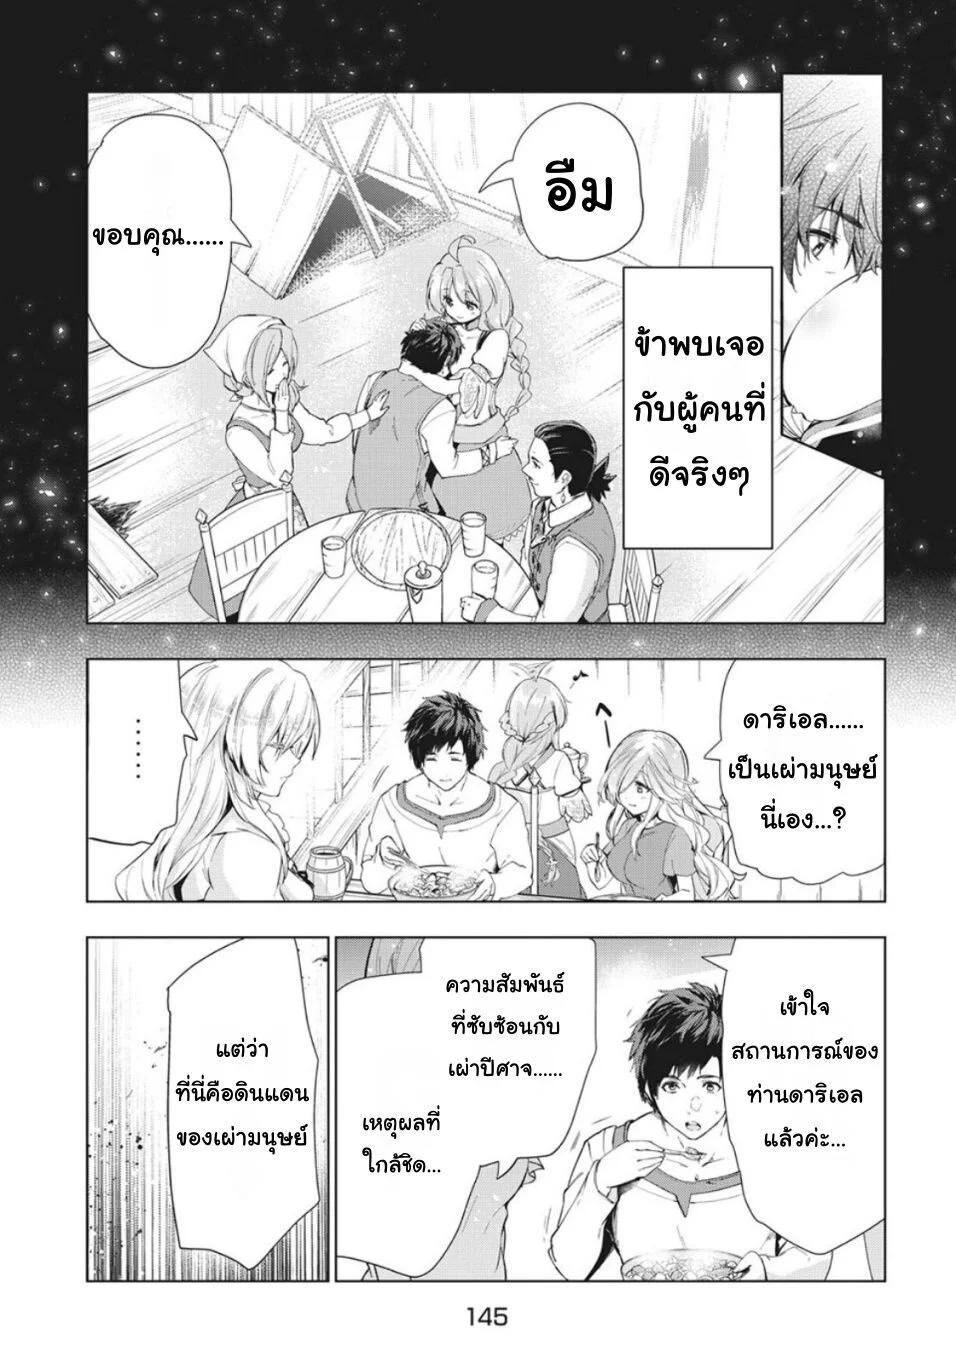 อ่านการ์ตูน Kaiko sareta Ankoku Heishi (30-dai) no Slow na Second ตอนที่ 19 หน้าที่ 10